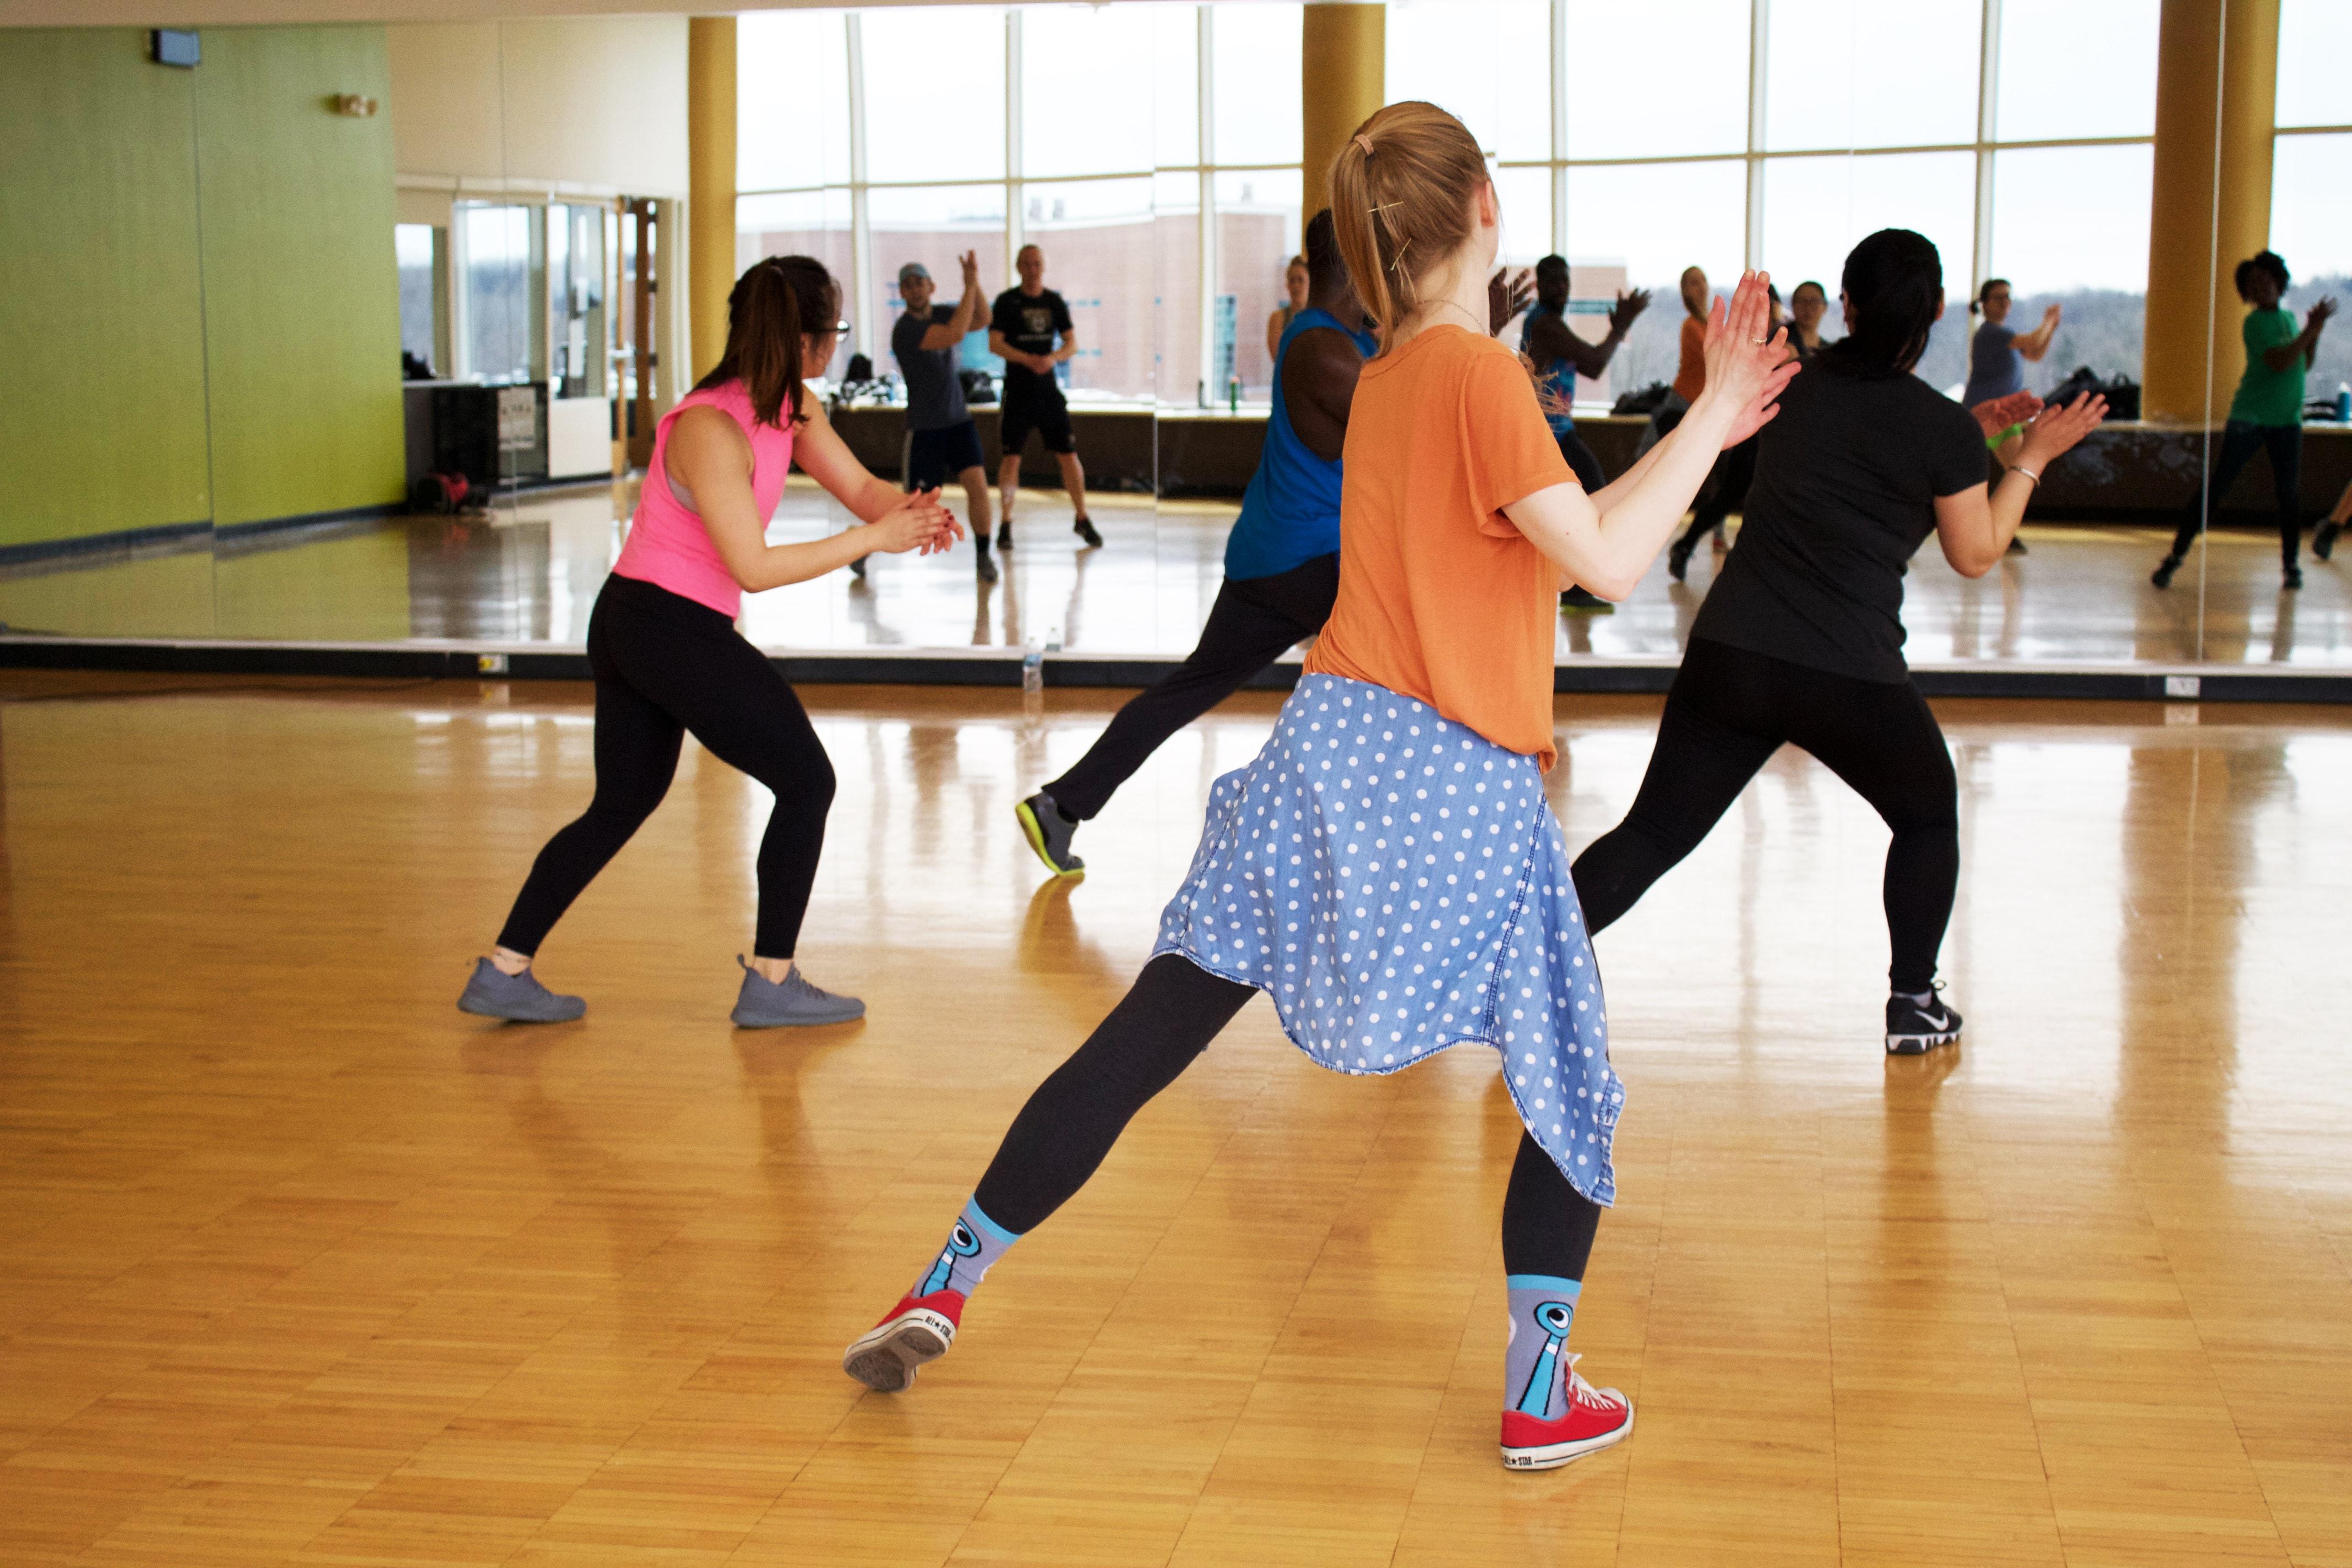 Streetdance feestje